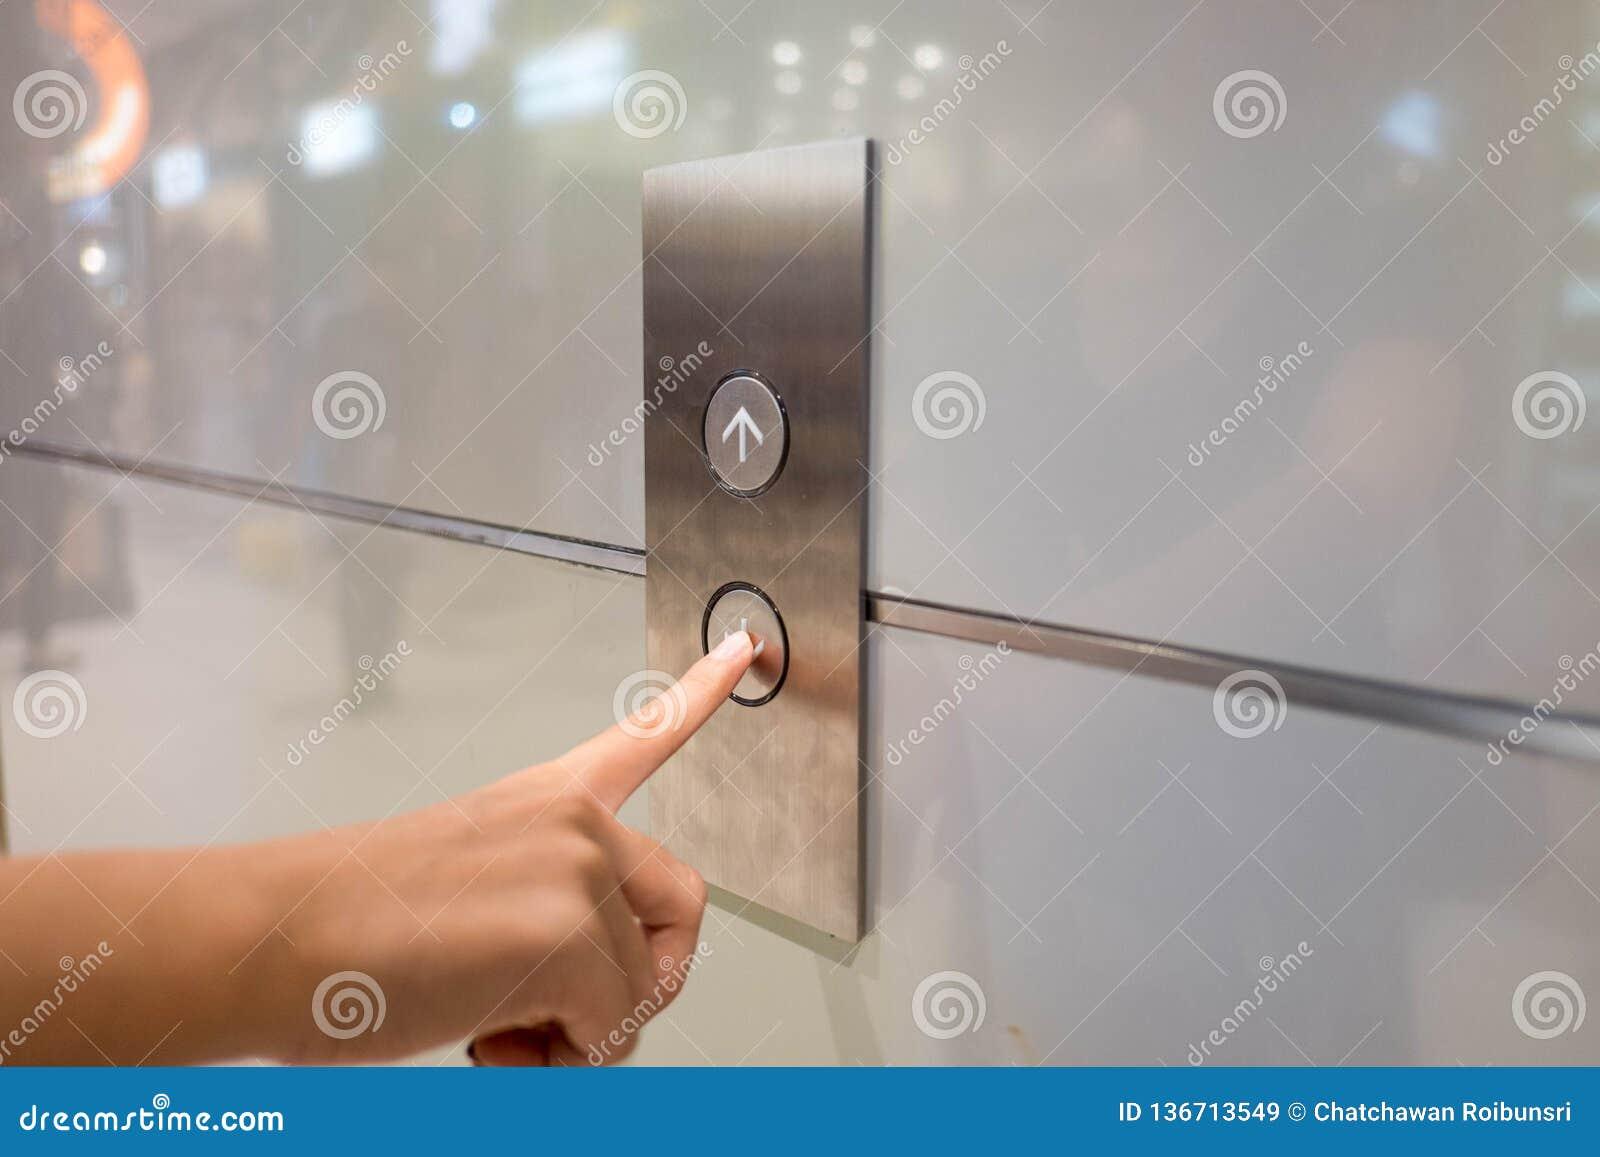 Cierre encima de la prensa de la mano del waman un botón ascendente del elevador dentro del edificio para el piso de alto nivel s